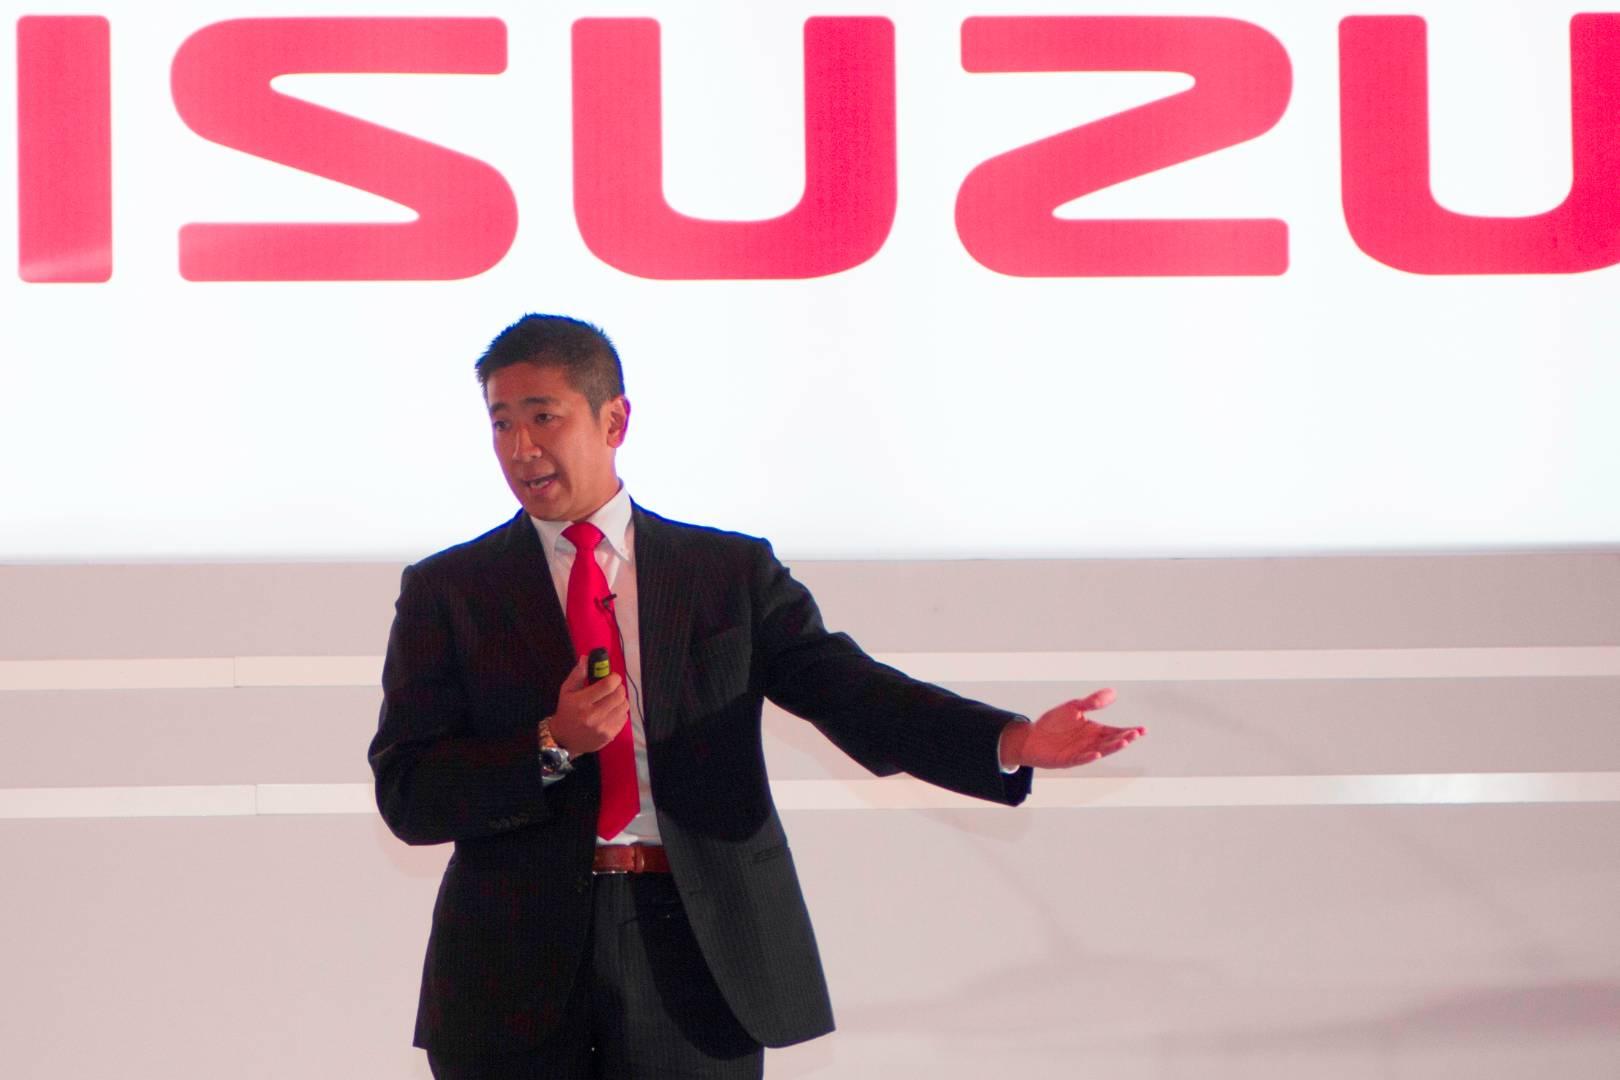 Hiroshi Ikegawa